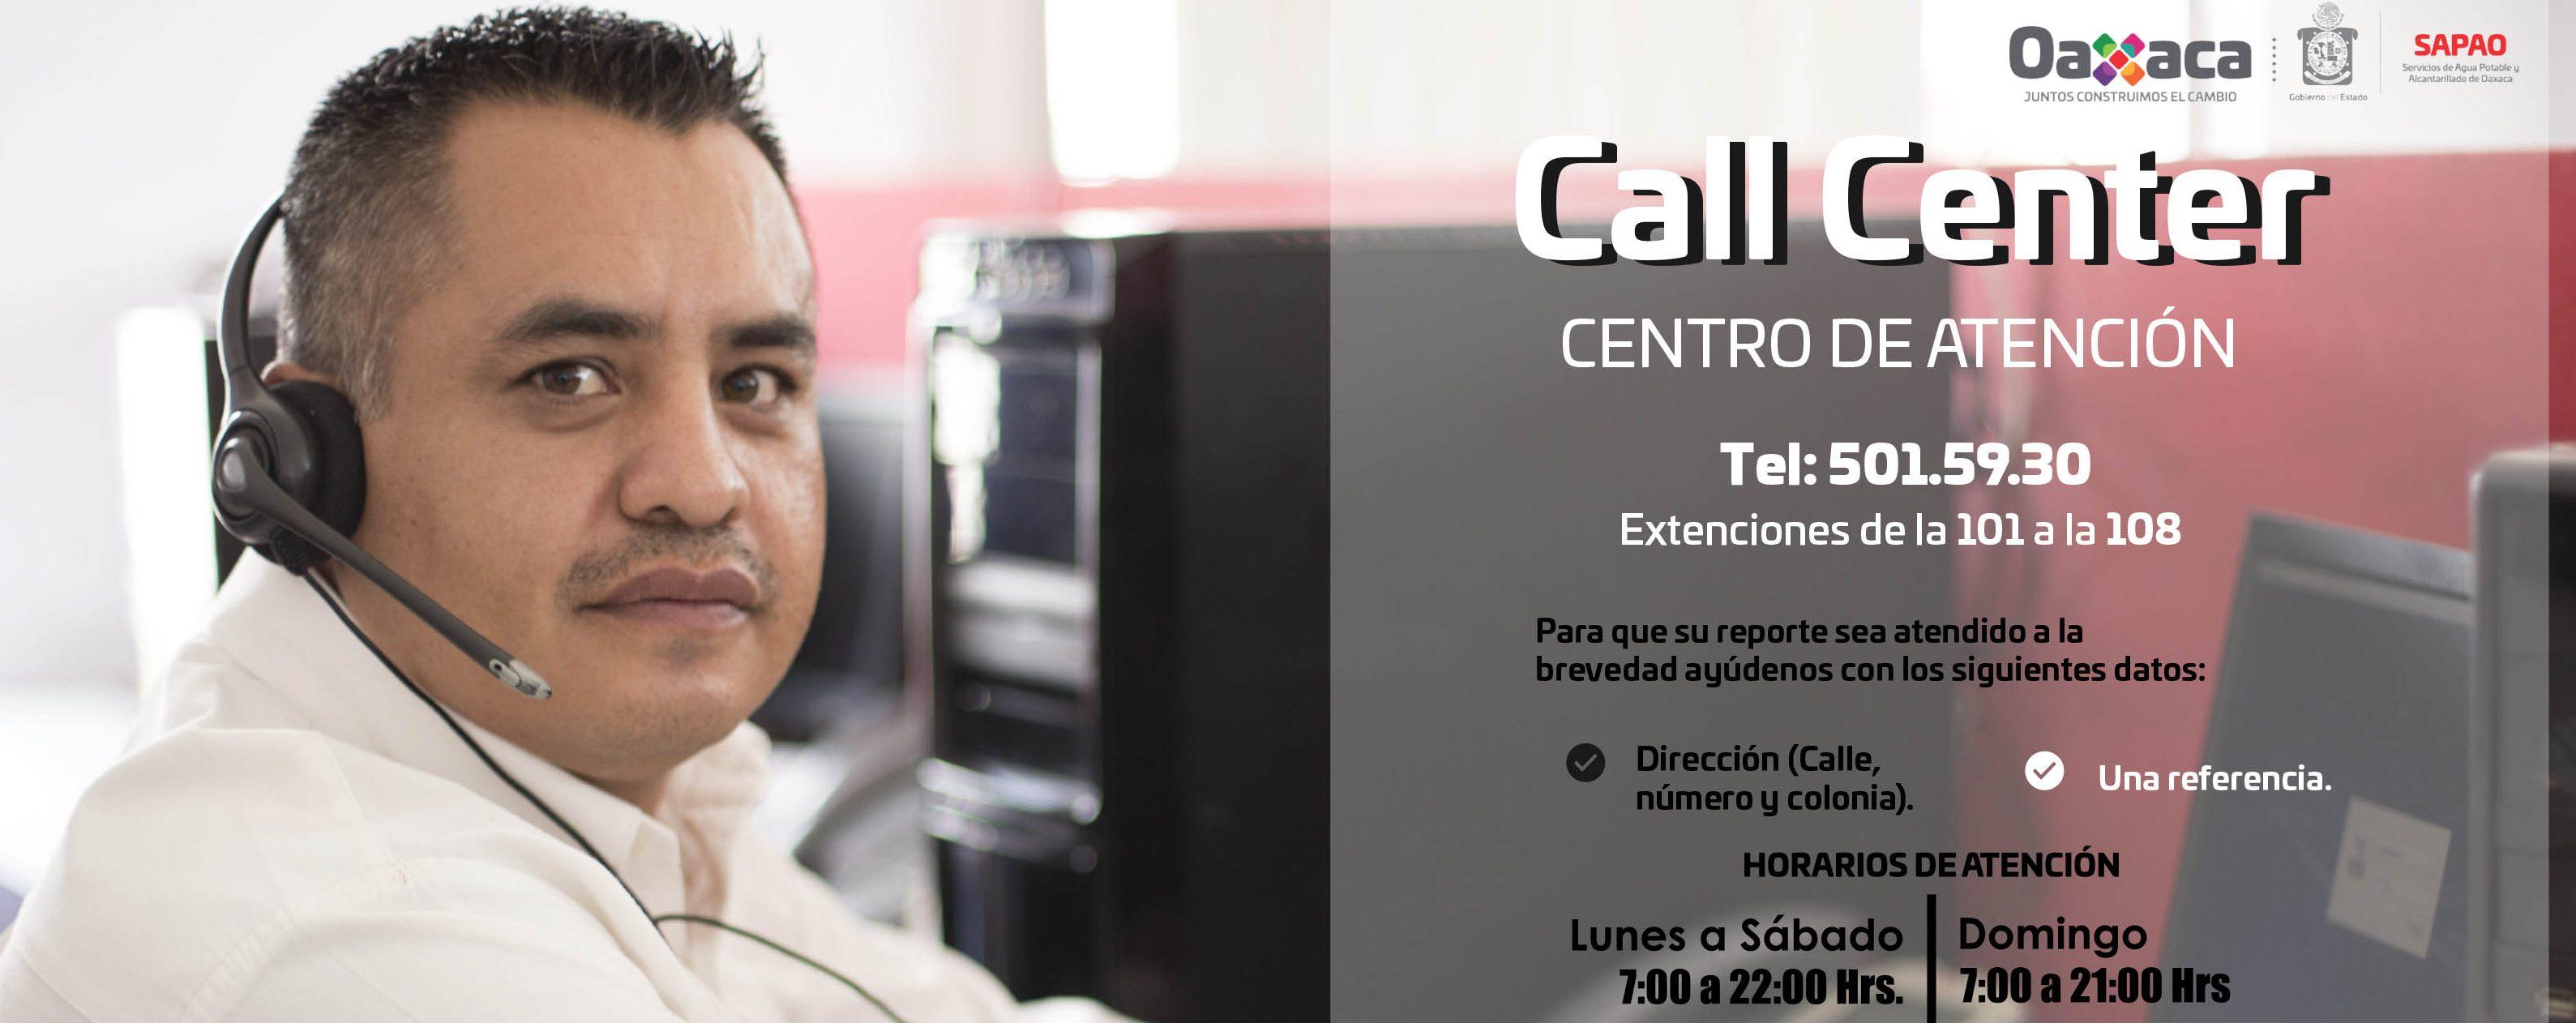 Centro de Atención – Call Center